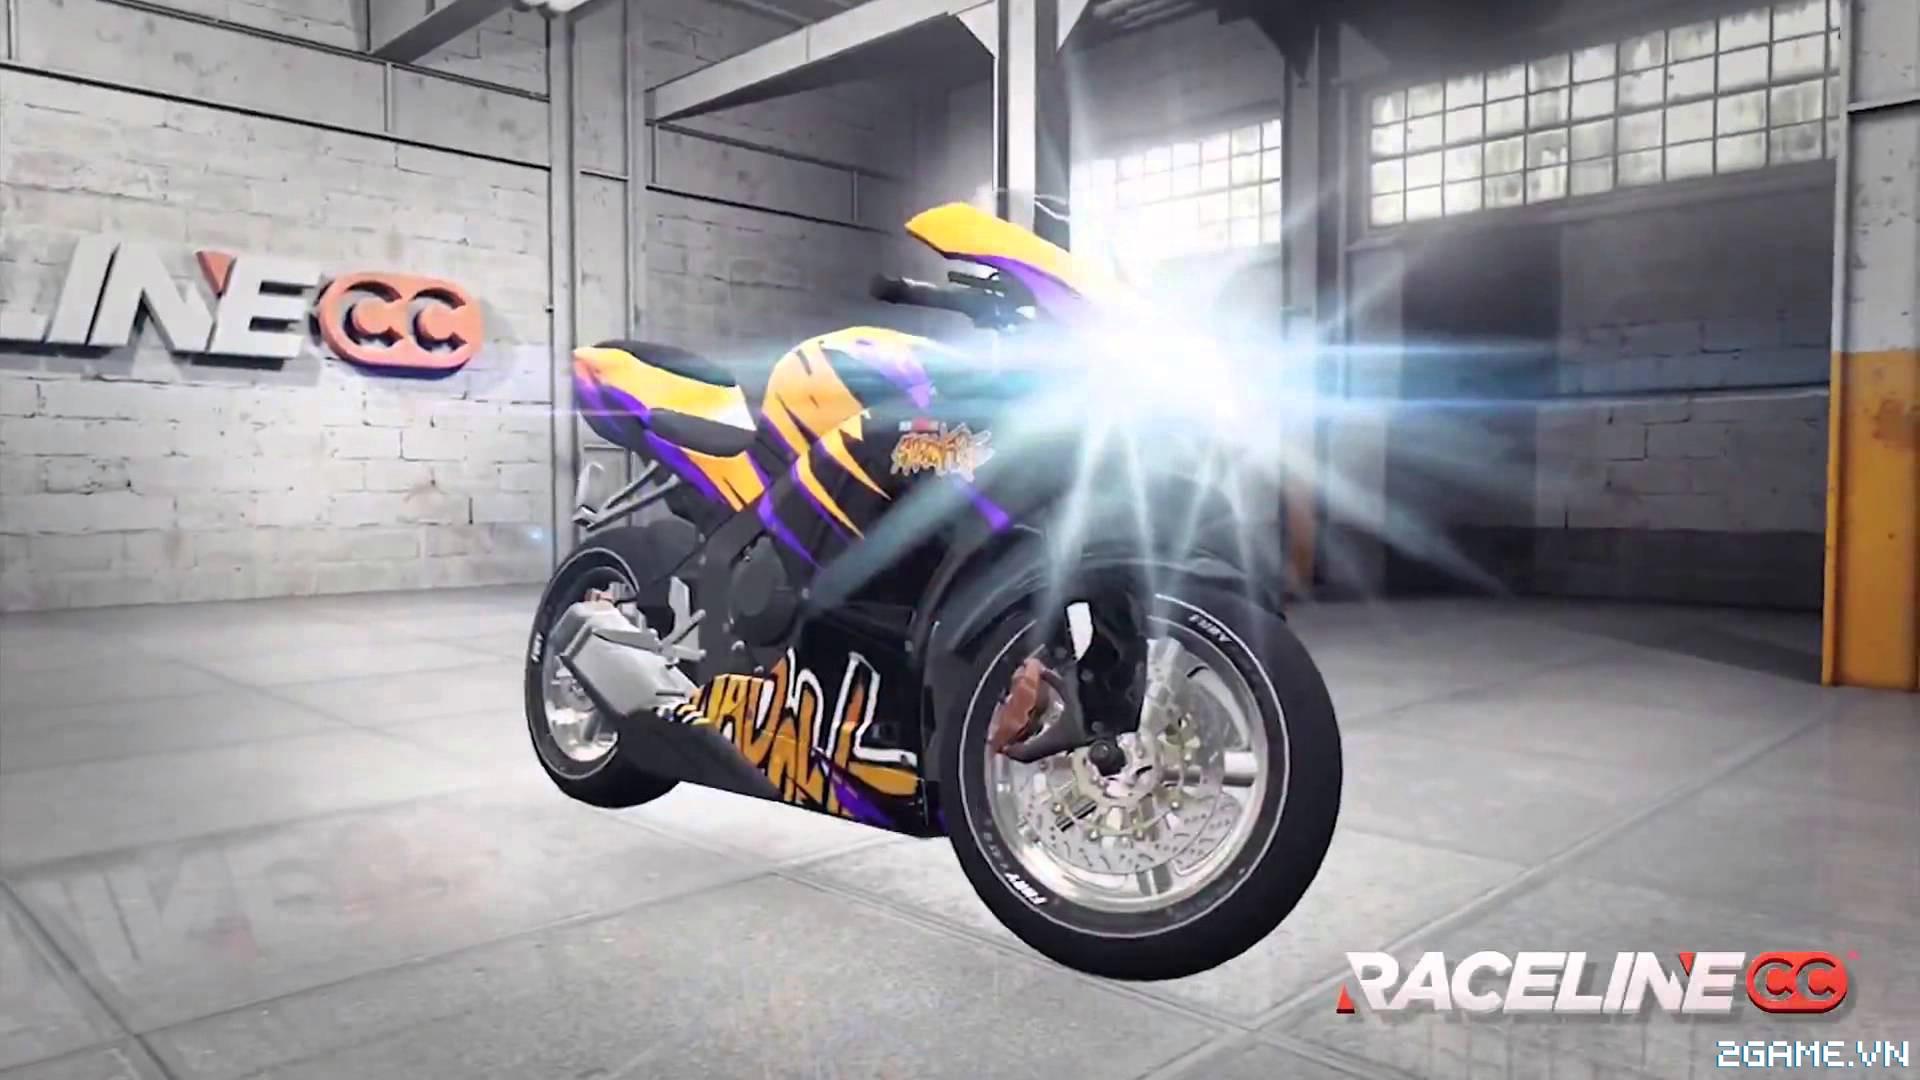 Raceline CC - Cuộc đua xe mô tô đường phố đầy tốc độ 4